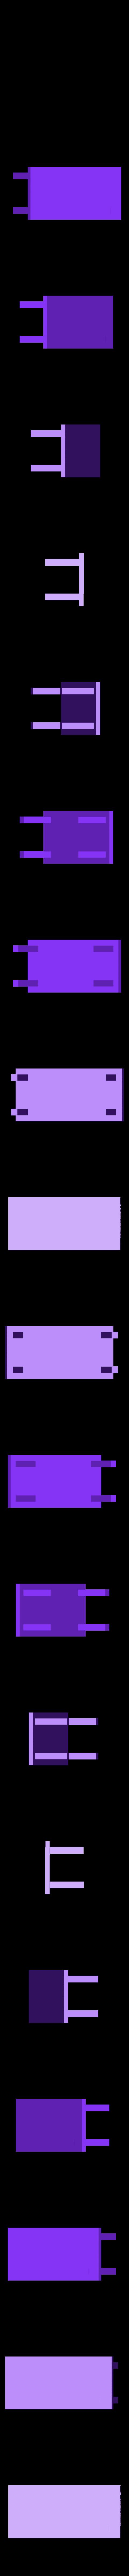 table.stl Télécharger fichier STL gratuit Lecteur d'imprimantes 3D Low Poly 3D • Objet pour impression 3D, auralgasm